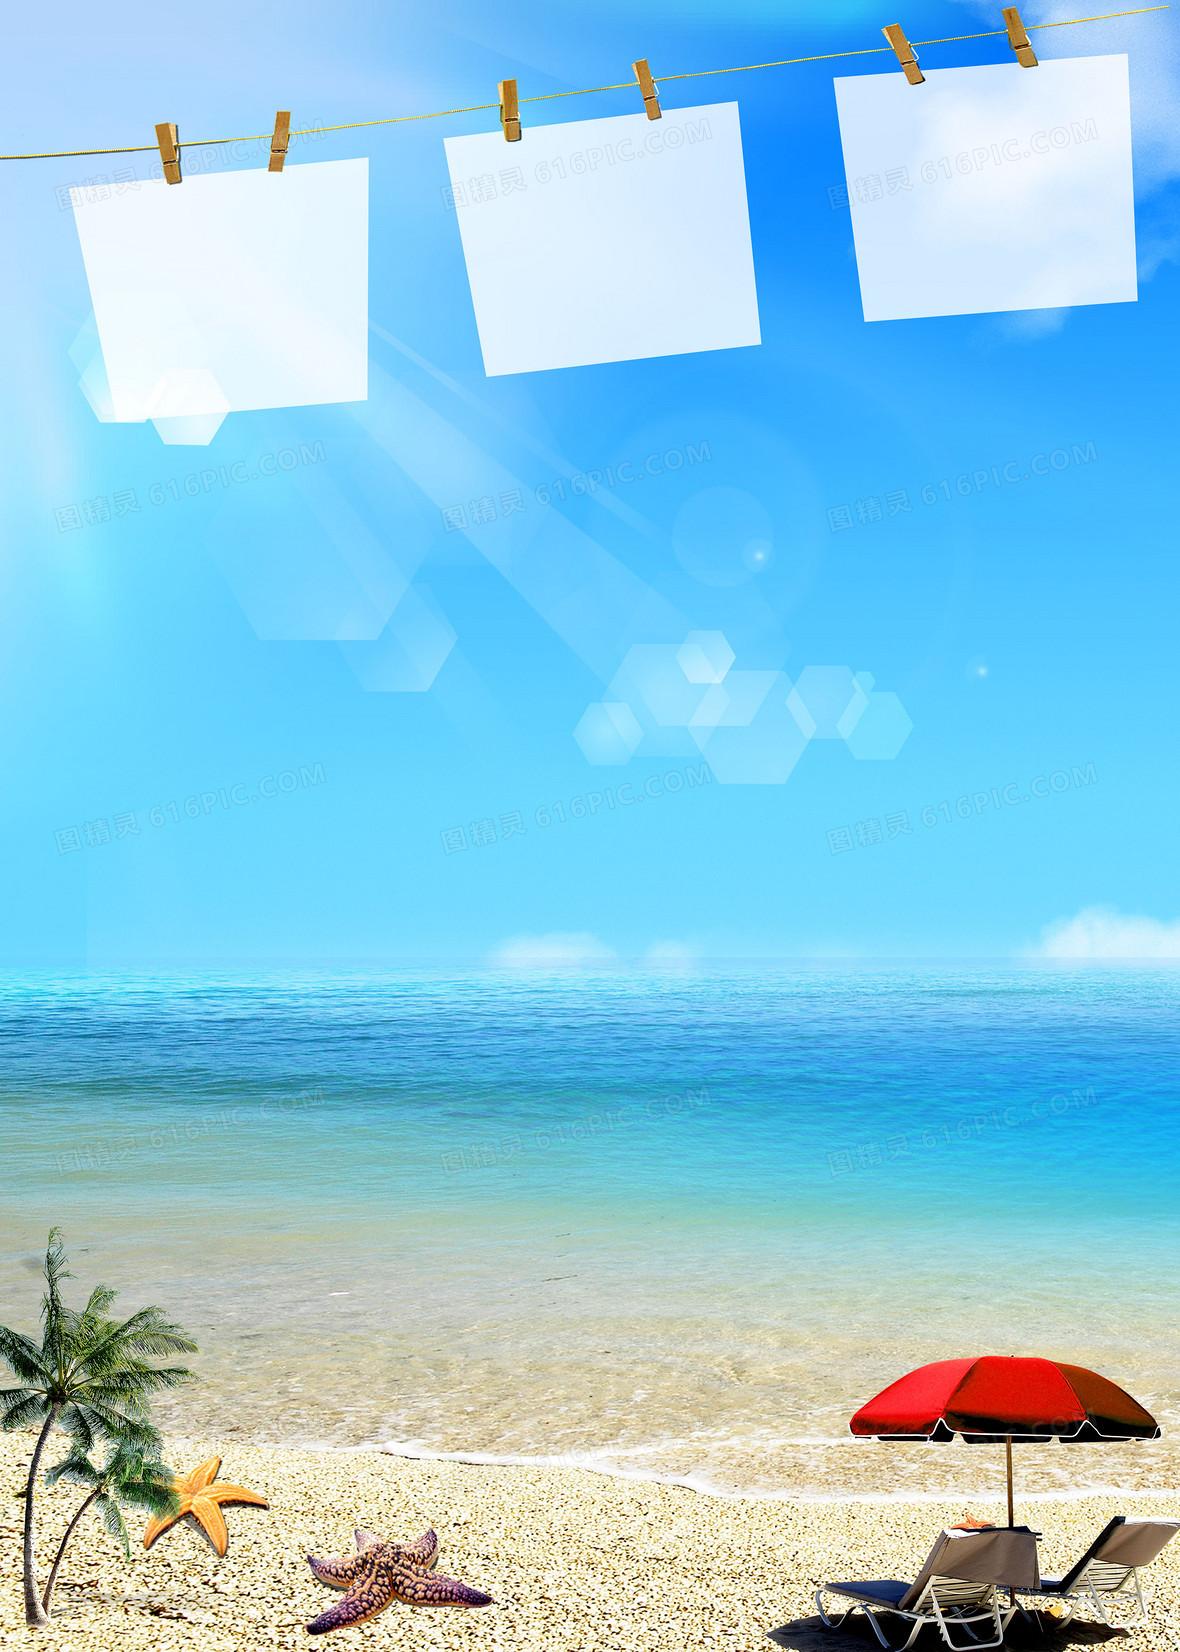 海南旅游海报背景素材